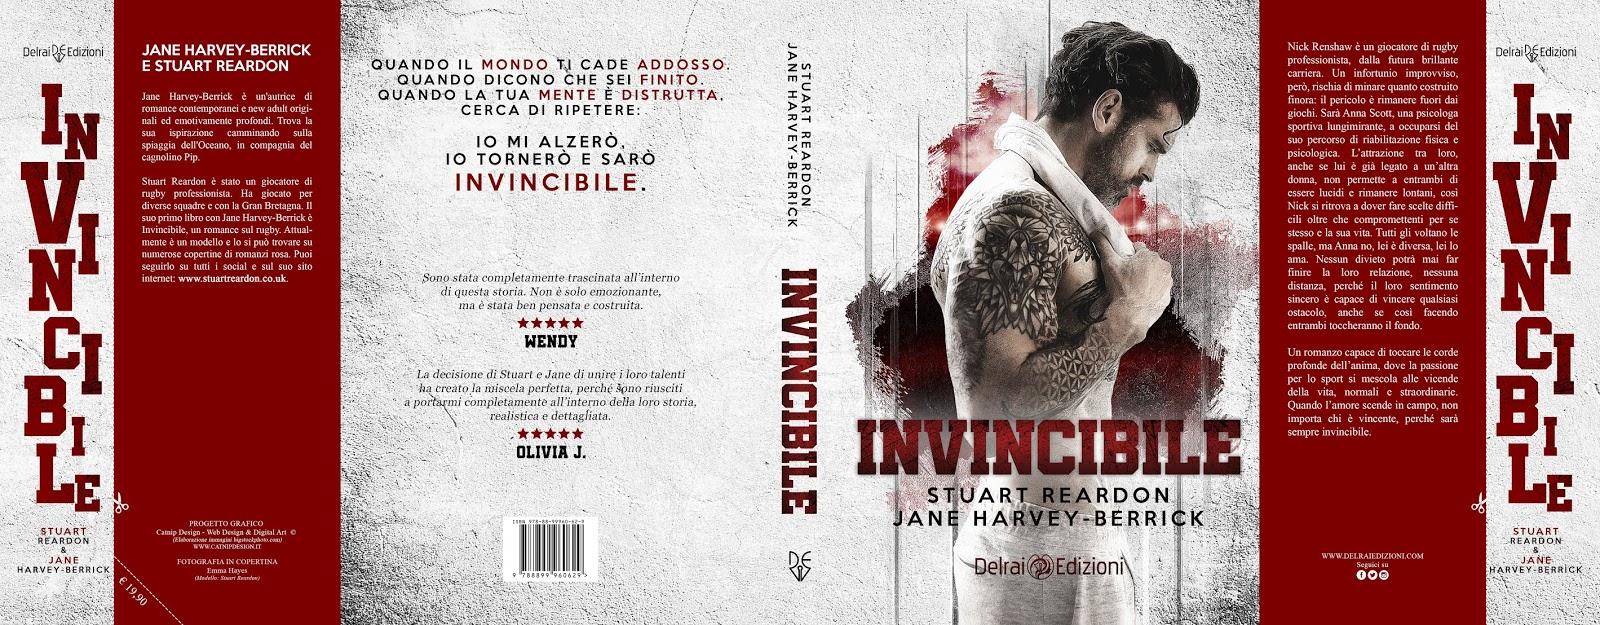 Invincibile. cartaceo